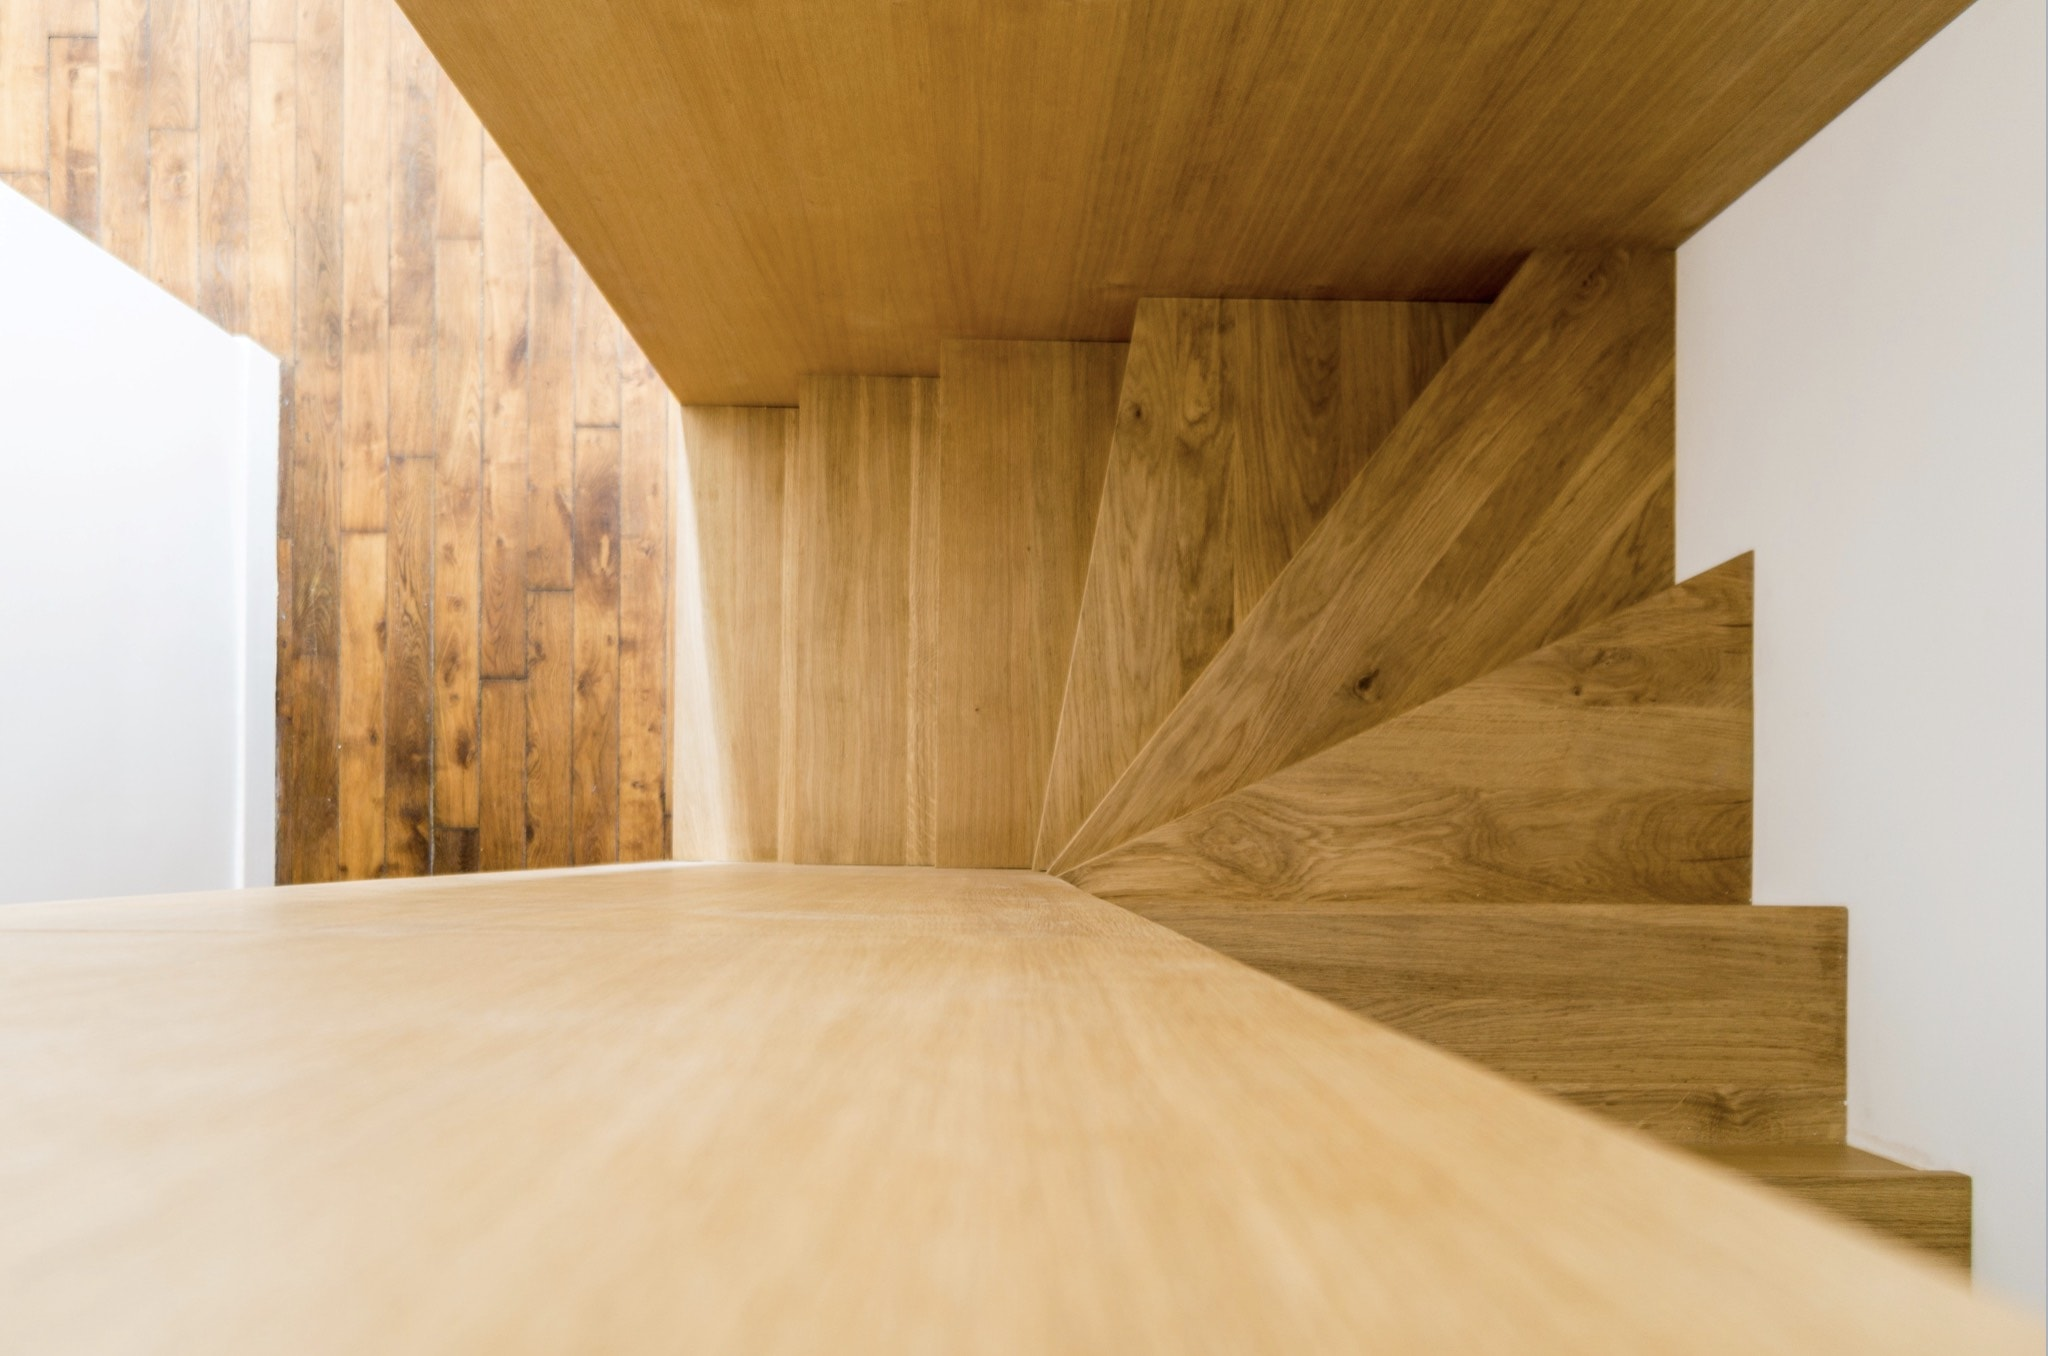 Escalier en bois, vue du dessus